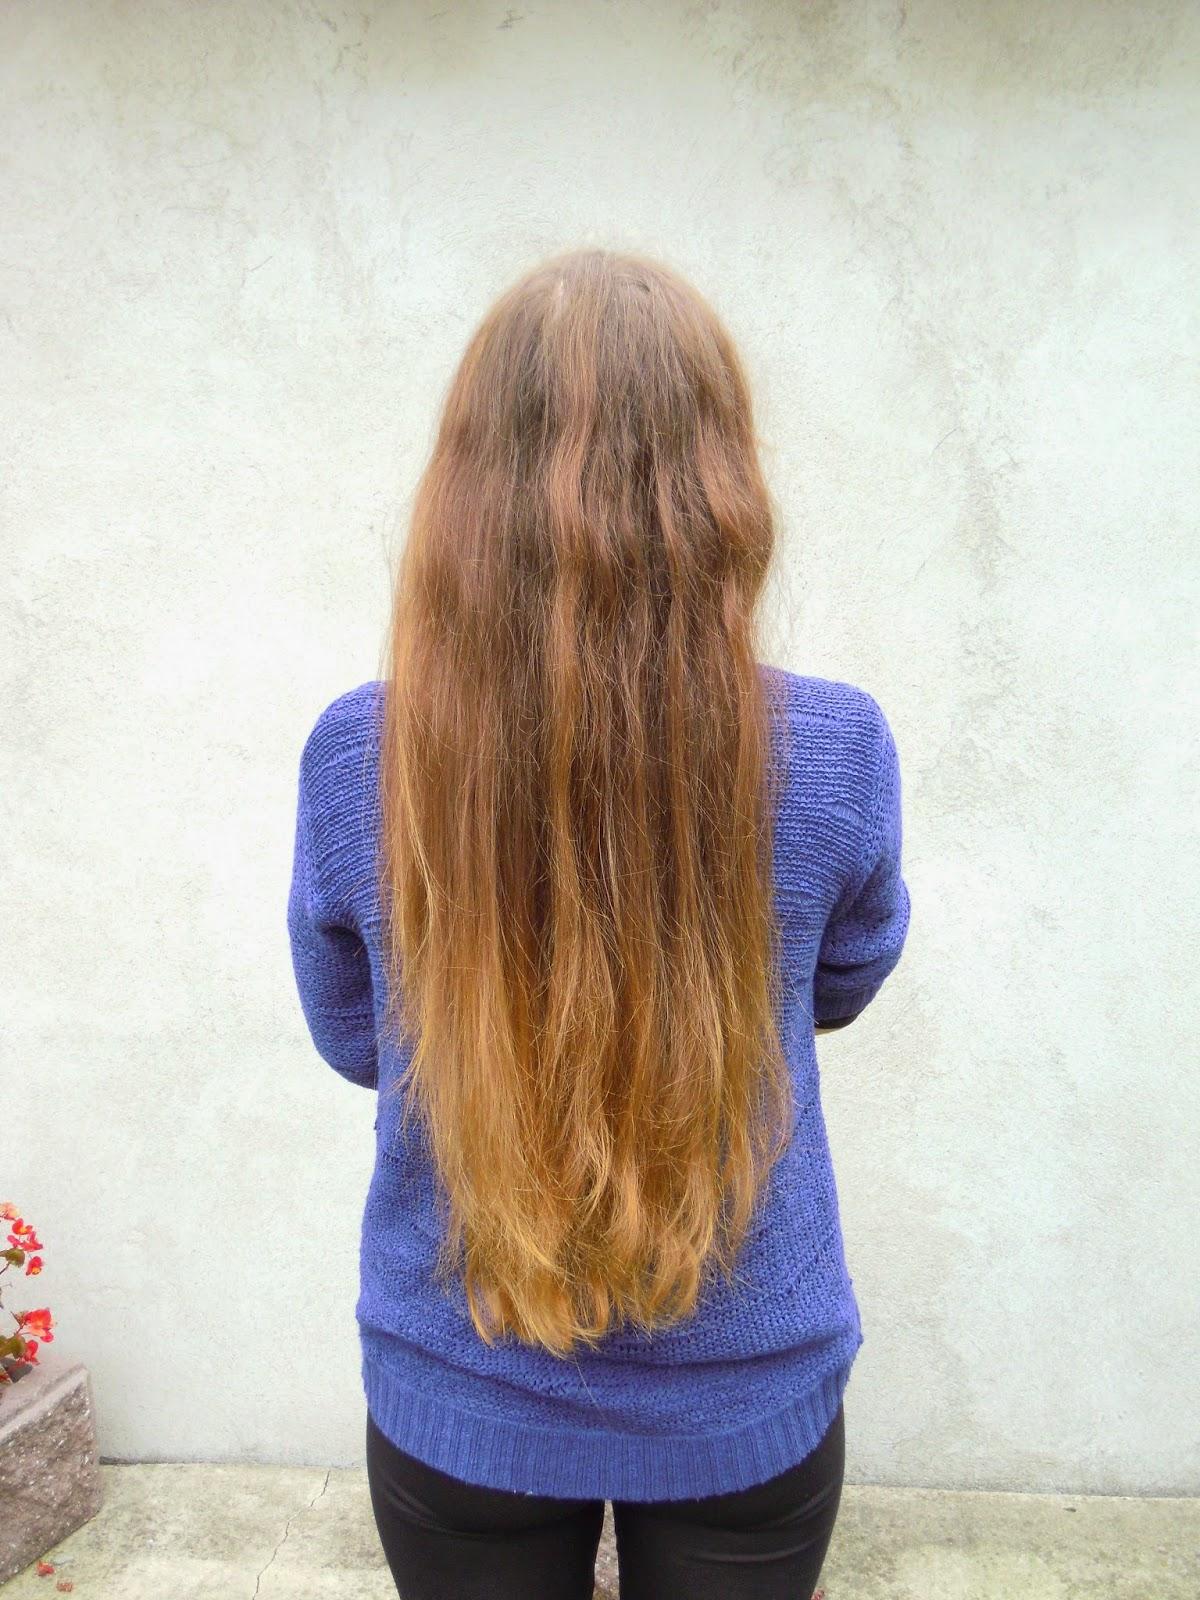 Moje nowe przemyślenia i plany na temat pielęgnacji włosów - październik 2014